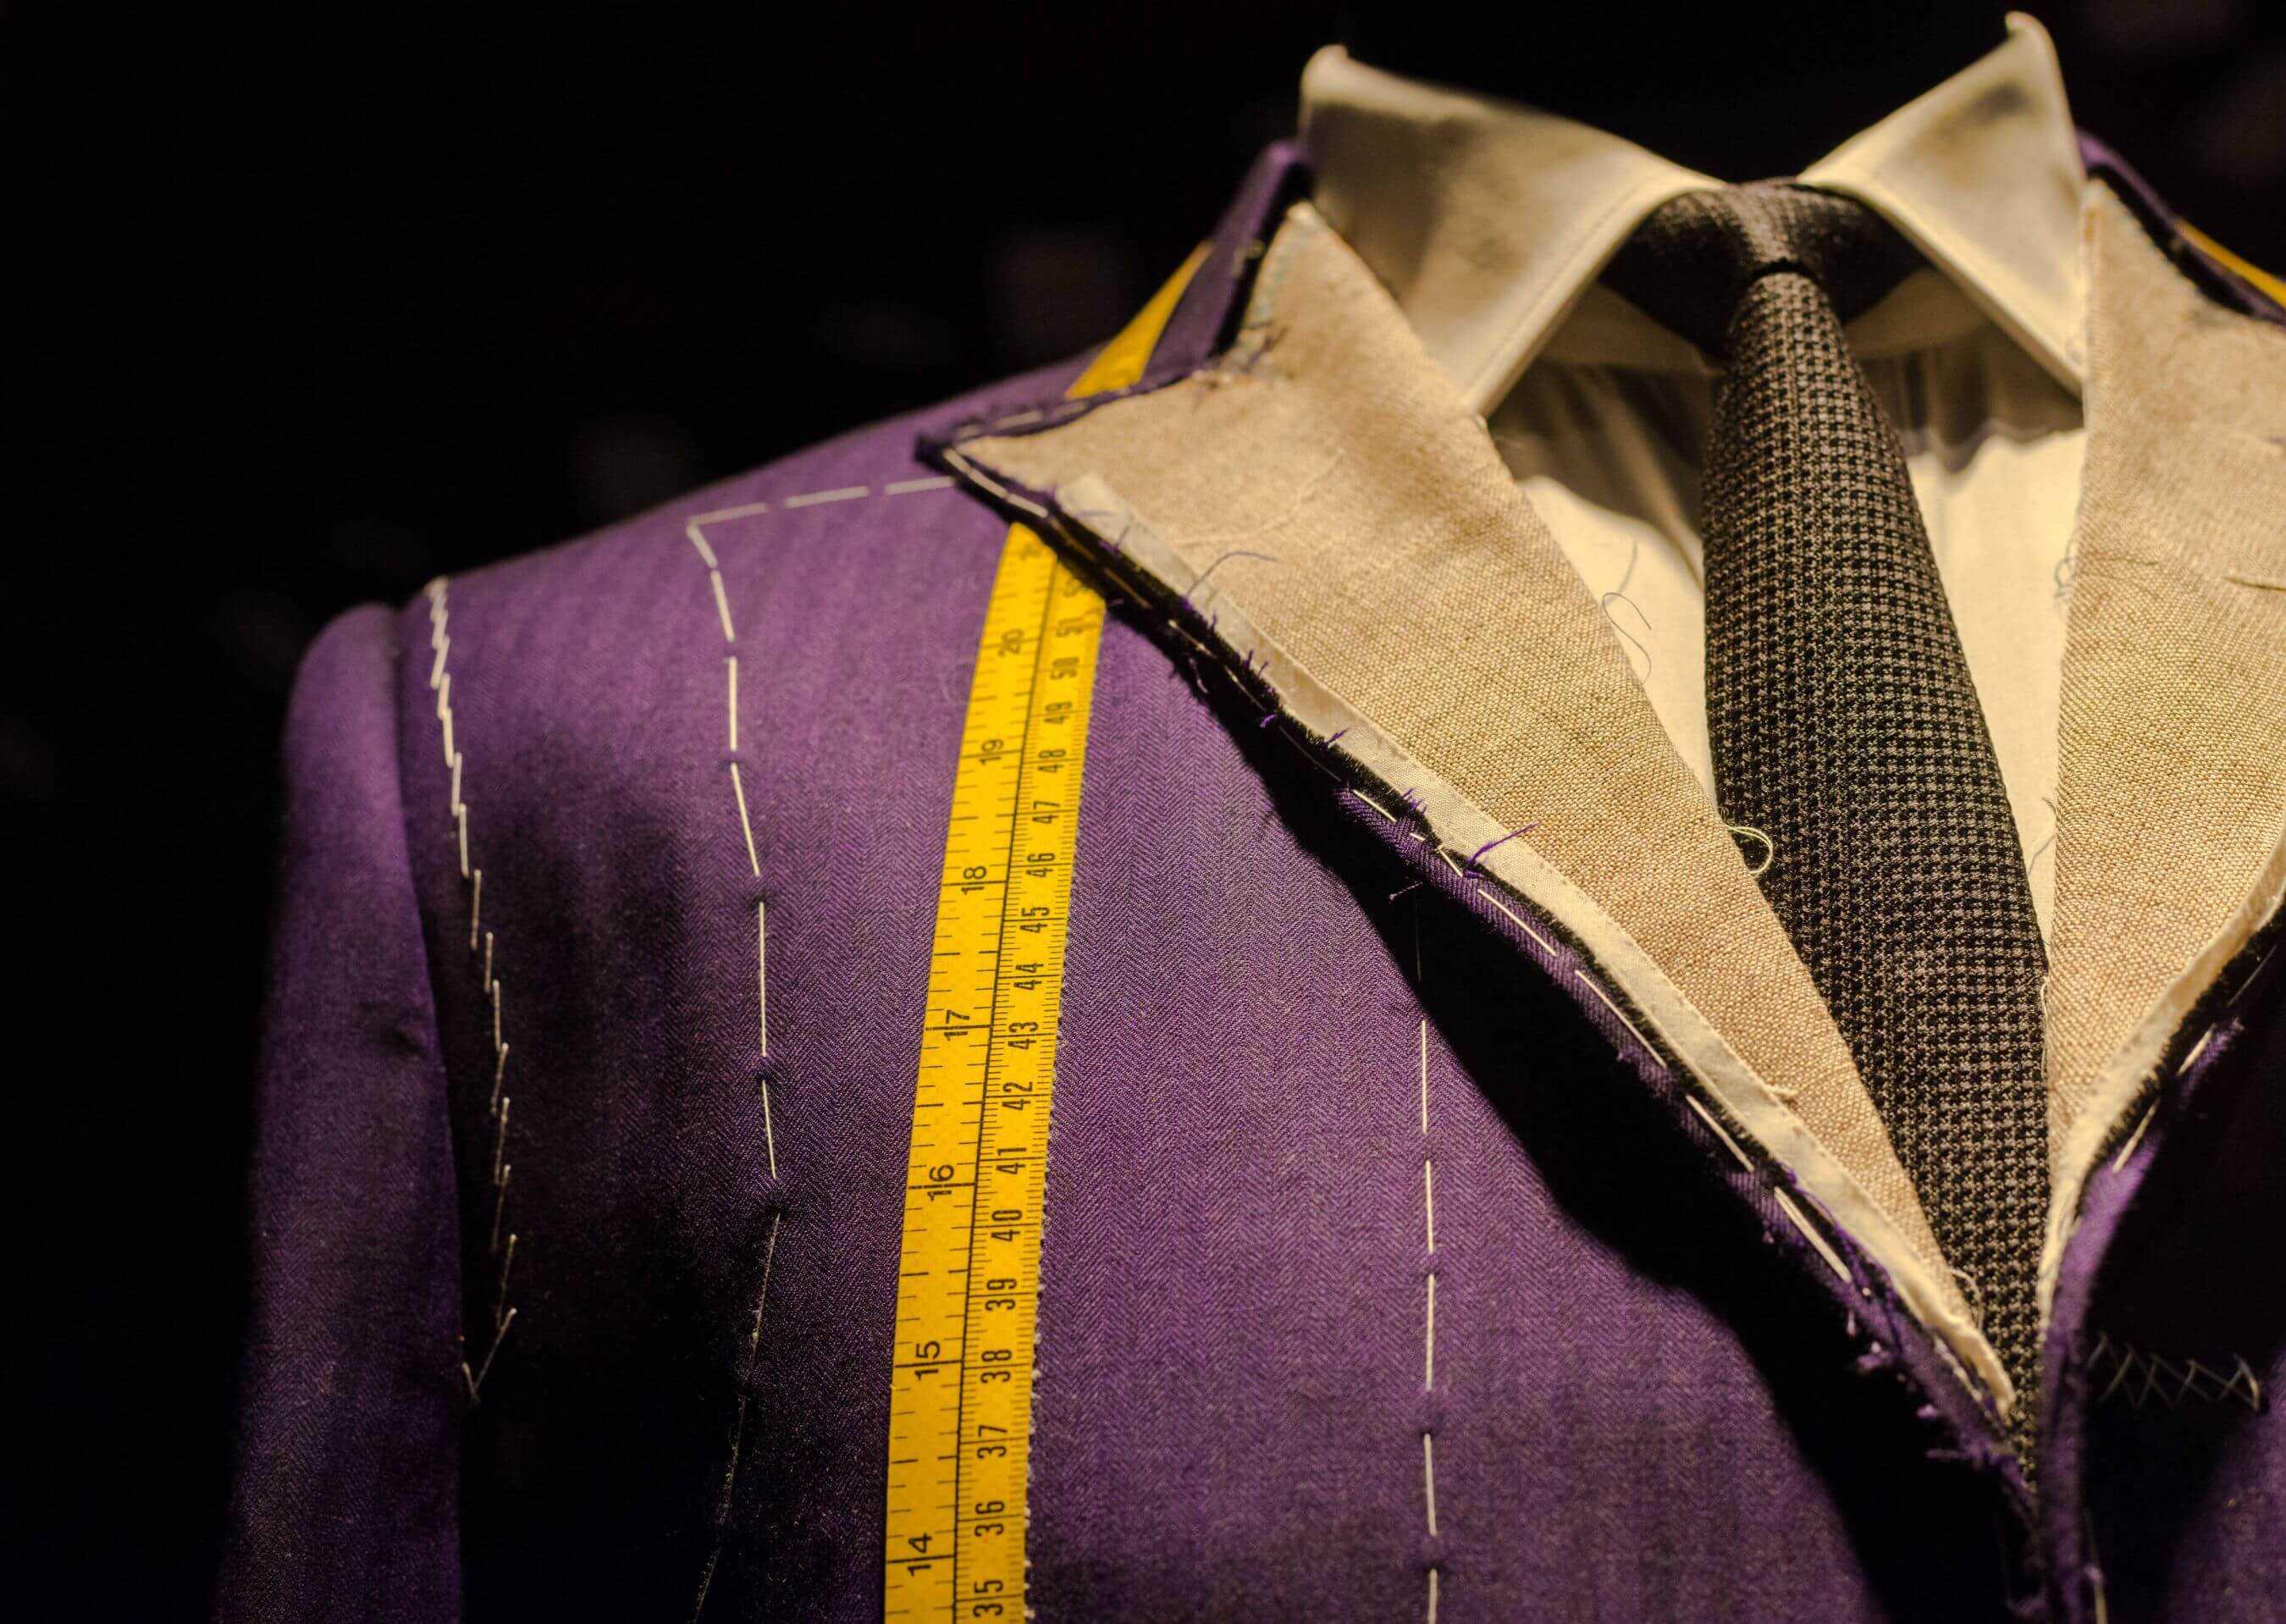 Fotografia della parte superiore di una giacca imbastita e un metro da sarto